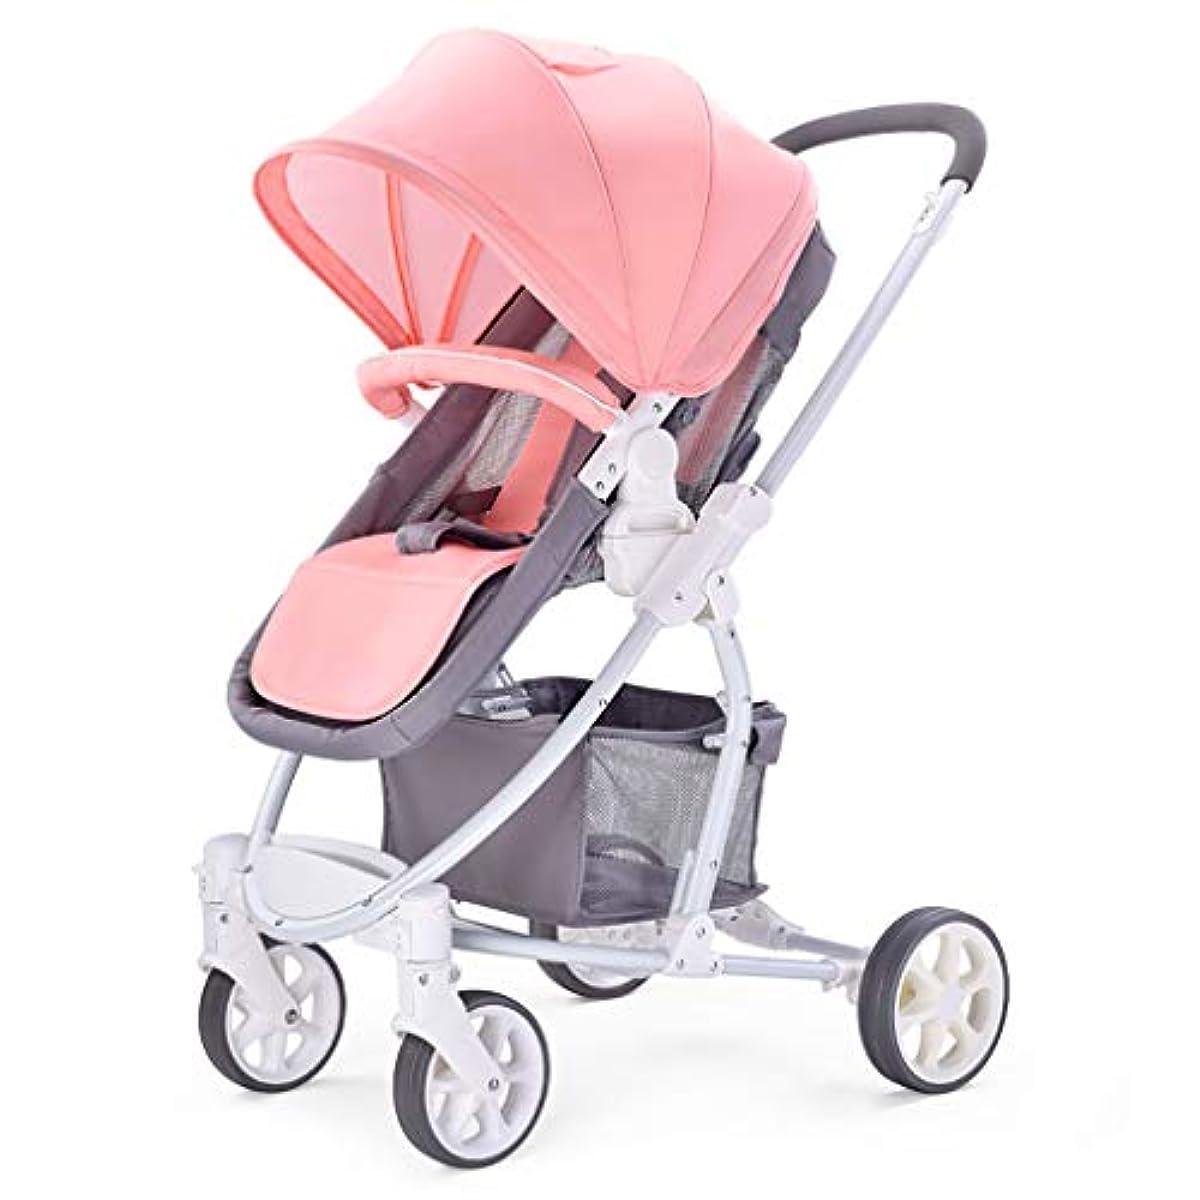 天使刃に渡って強い折り畳み式ベビーカーツーウェイアンチショック、ハイビューキャリッジ幼児乳母車乳母車コンパクト軽量、リクライニングベビーバギー 子供向け, pink